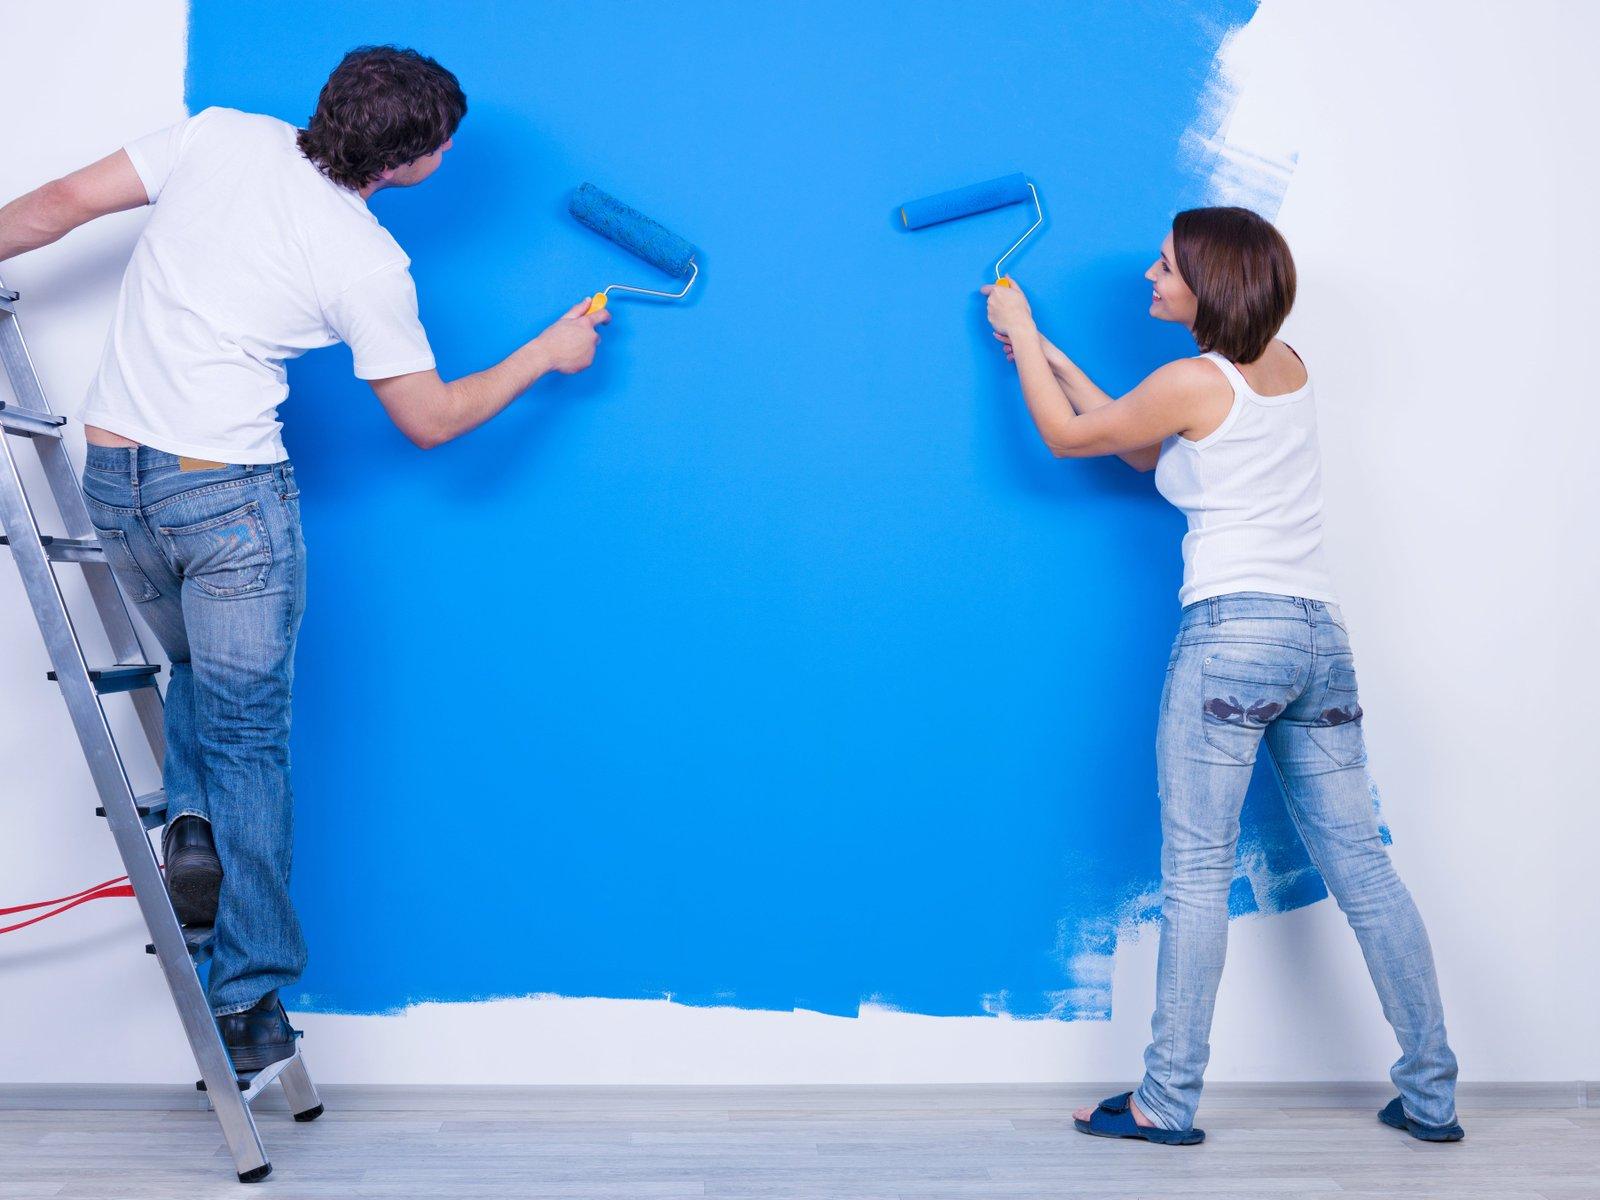 Cores de parede saiba qual a melhor para cada ambiente - Lojas Alves